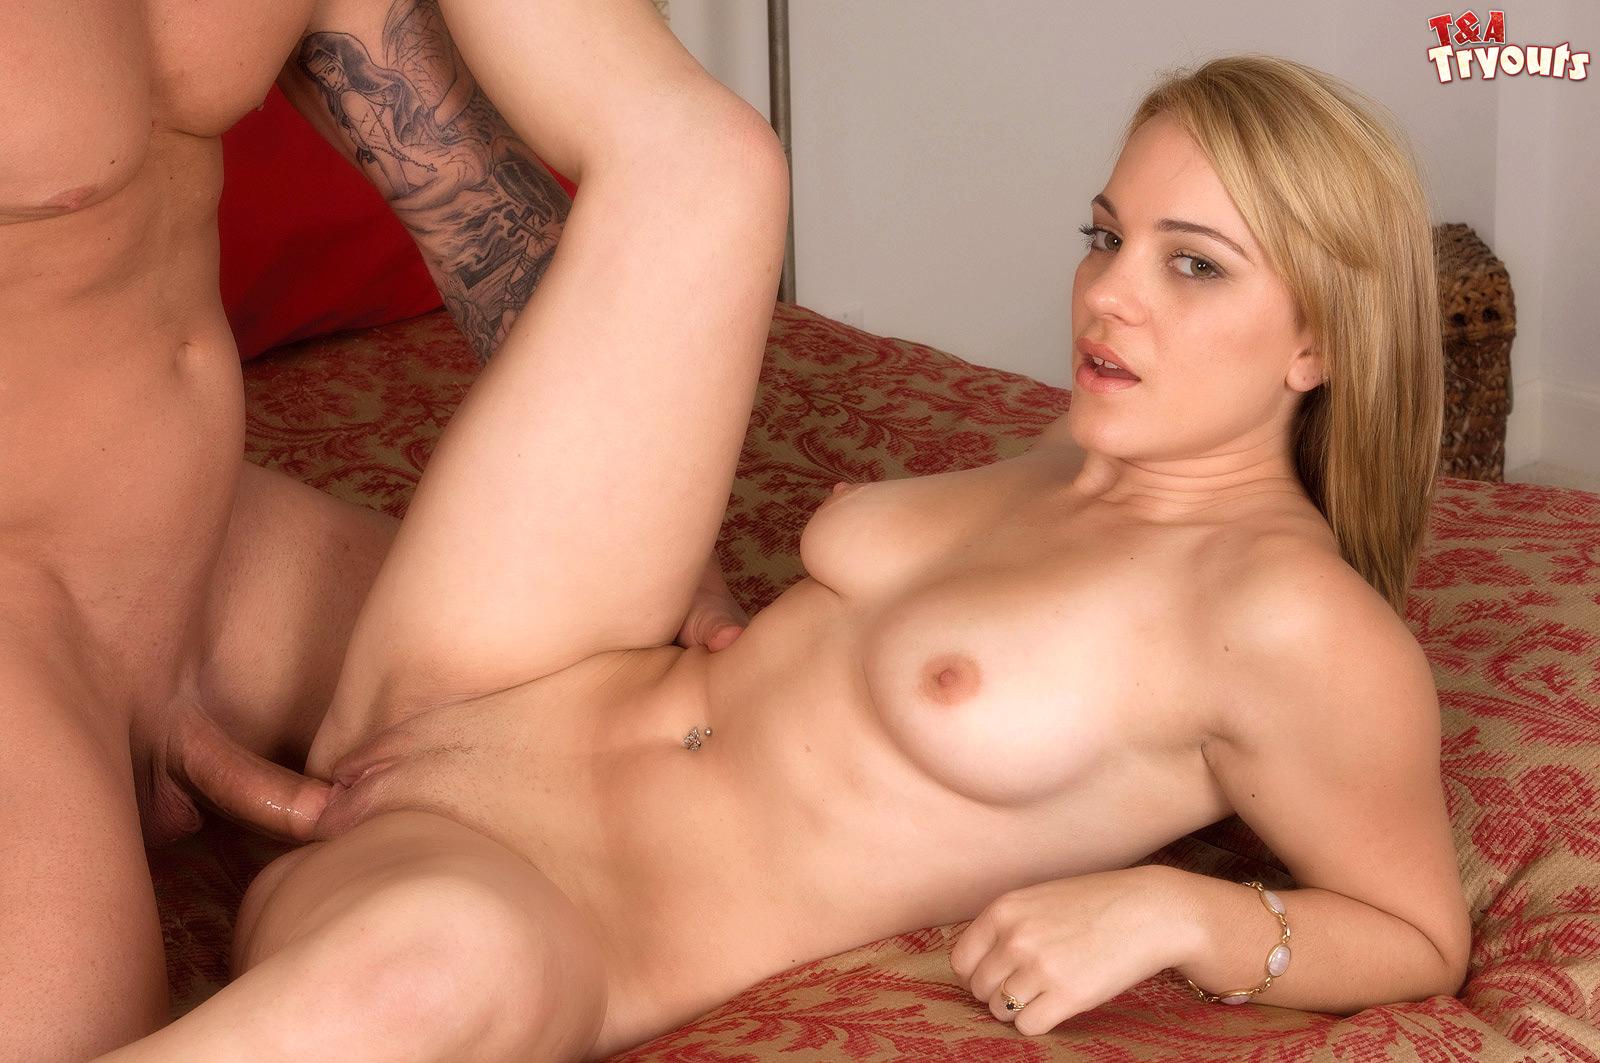 Секс на за стеклом марго, За Стеклом Марго Секс (найдено 1 порно видео роликов) 19 фотография